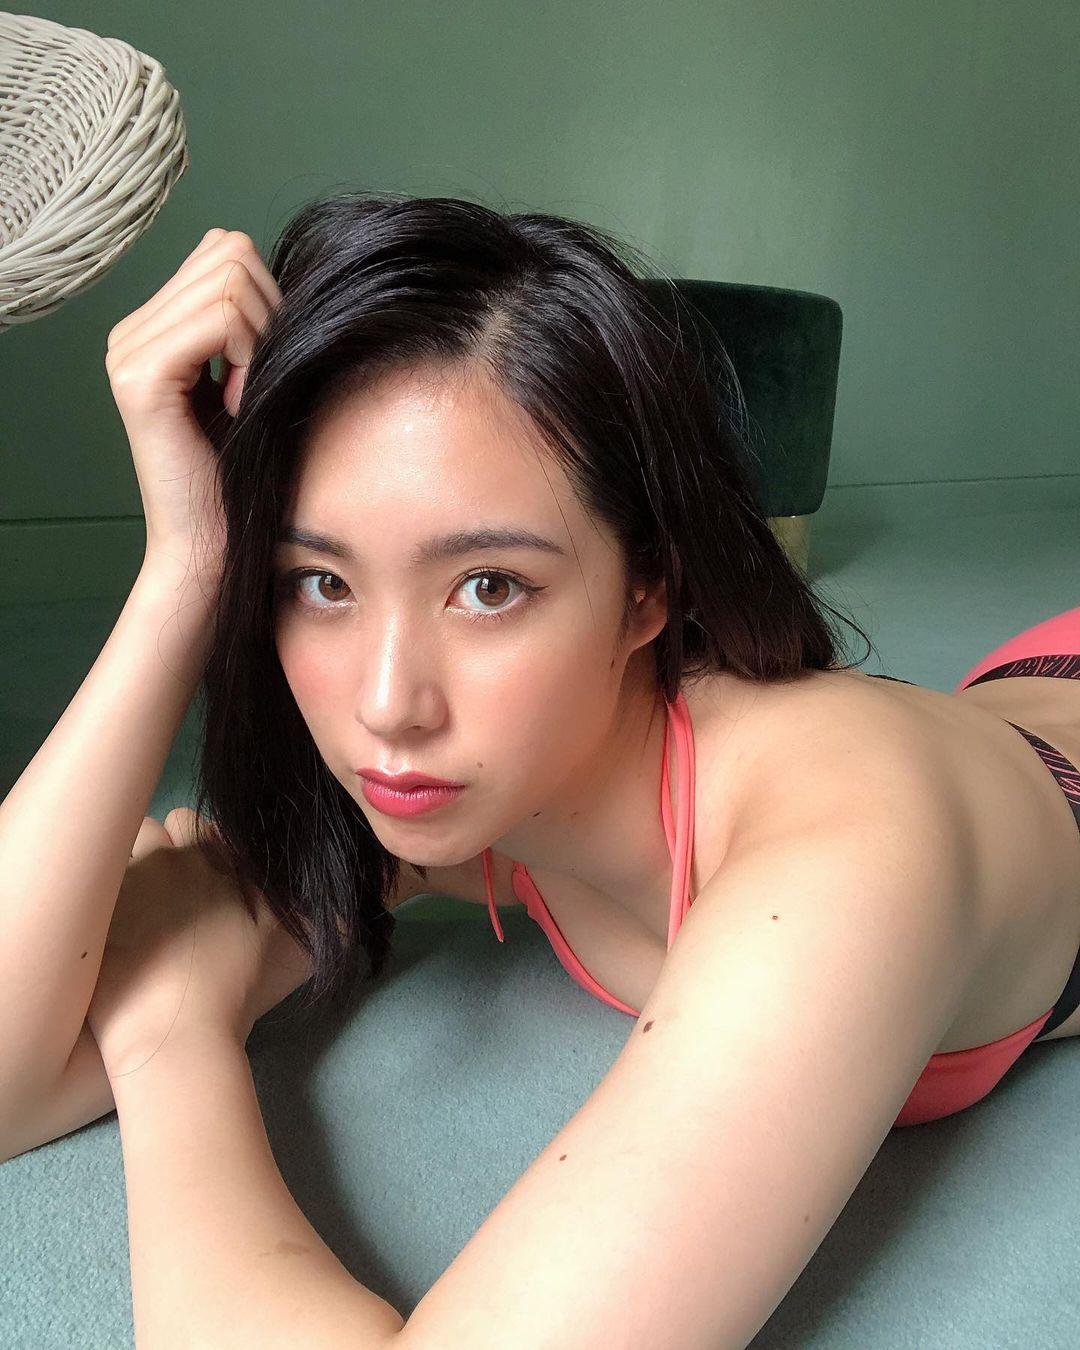 长腿小姐姐CHIAKI完美腰身甜美笑容让人瞬间沦陷 宅猫猫 热图1